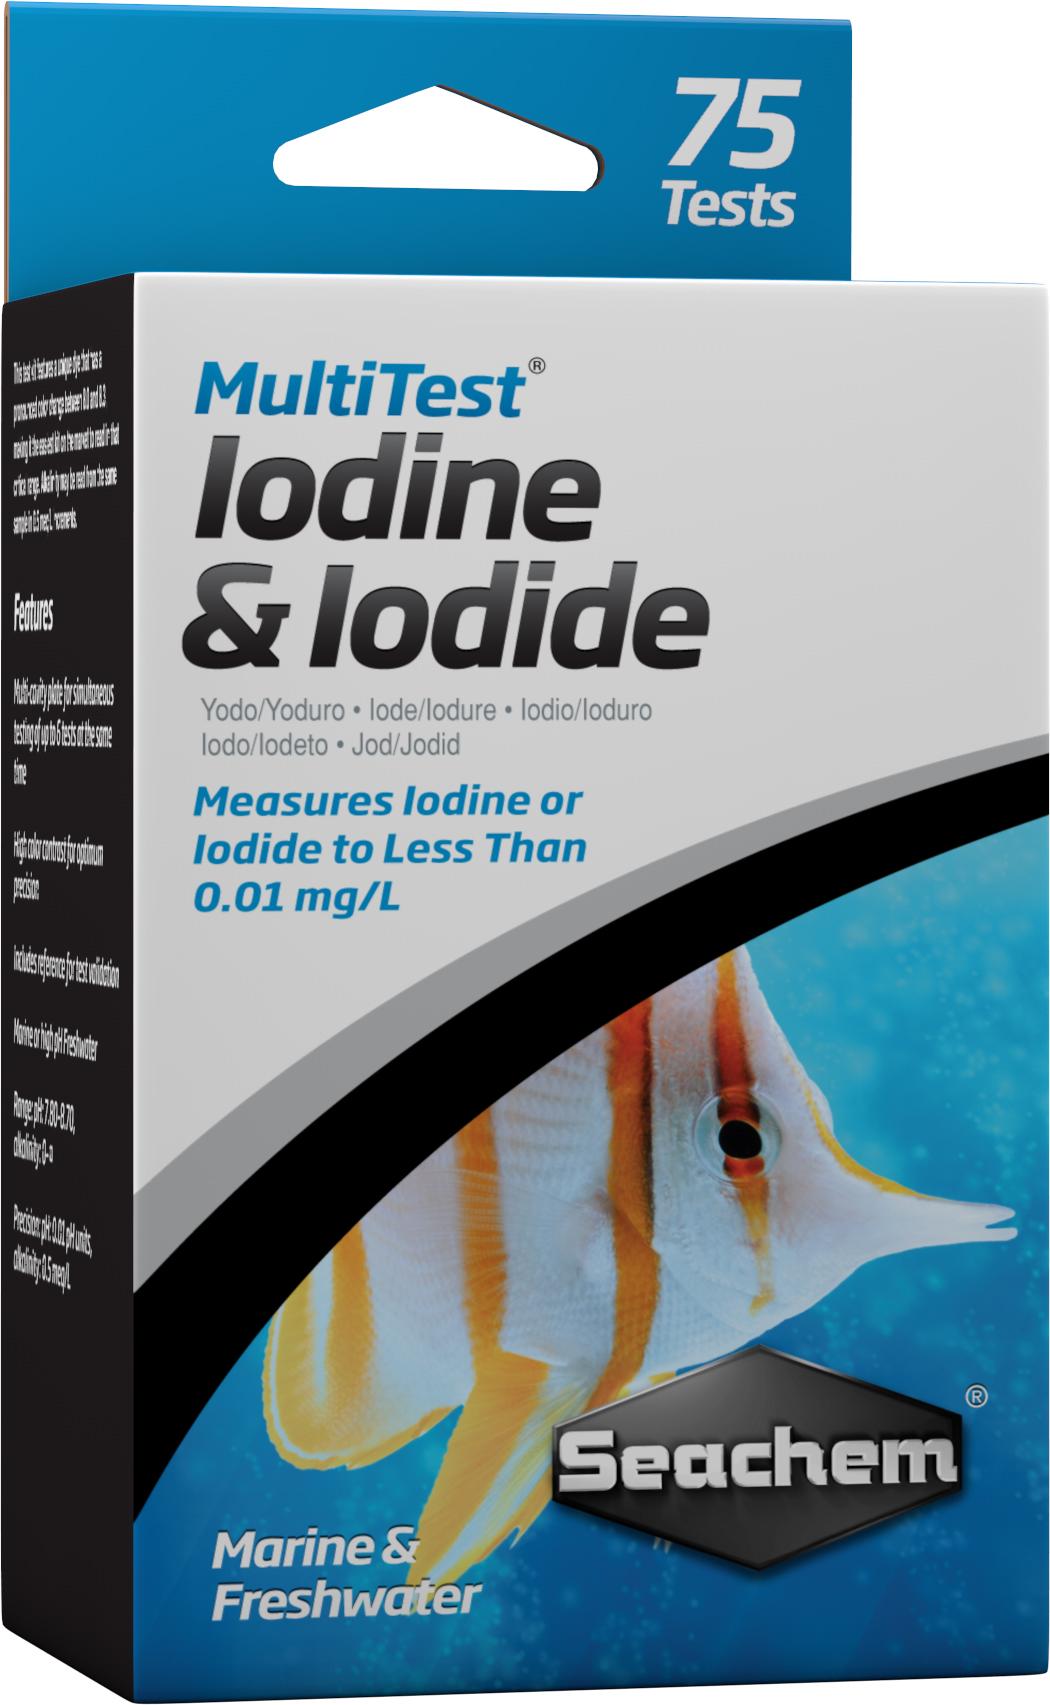 MT-Iodine & Iodide